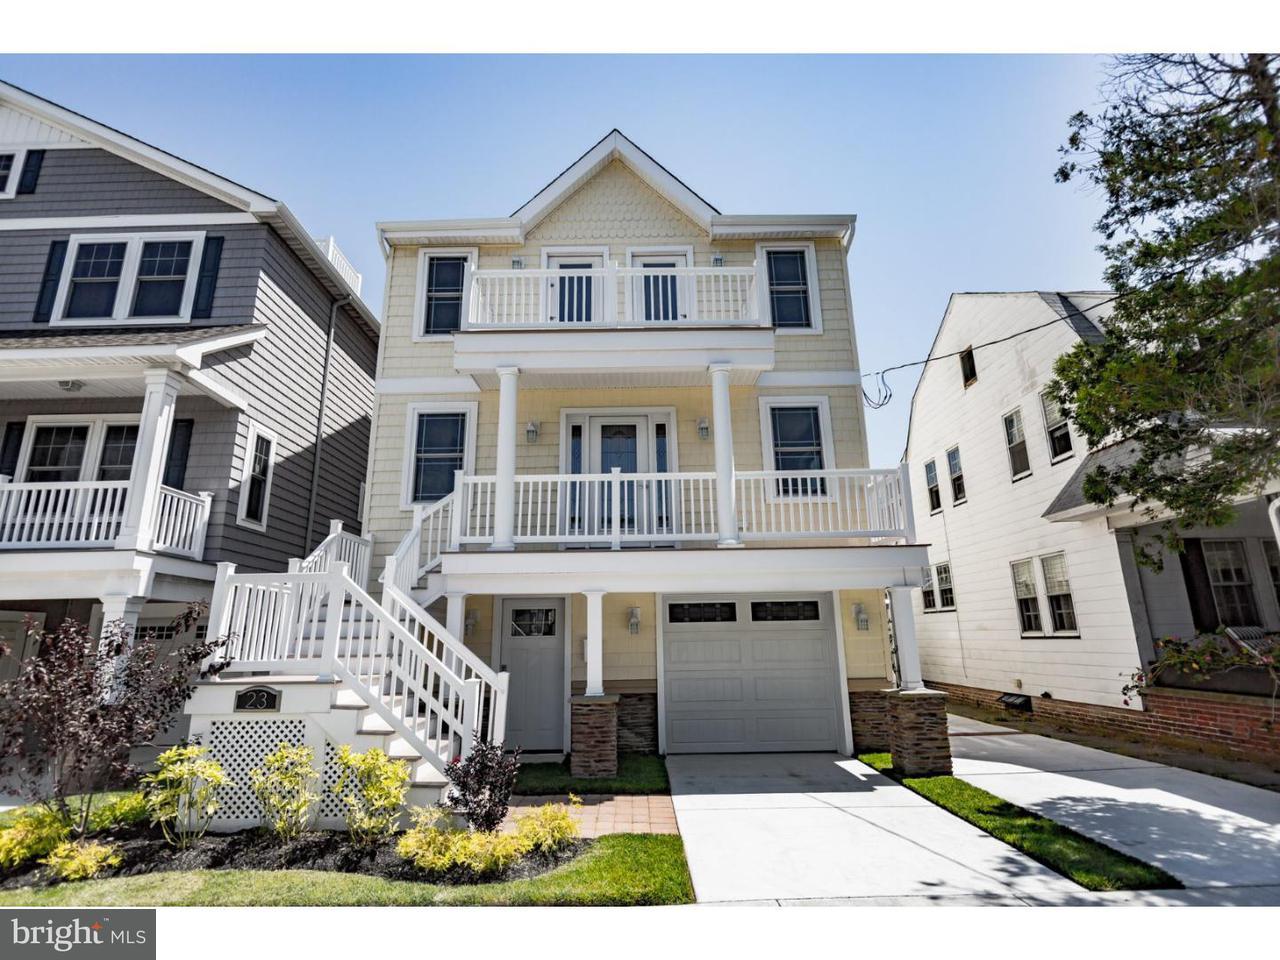 Частный односемейный дом для того Продажа на 23 N CORNWALL Avenue Ventnor City, Нью-Джерси 08406 Соединенные Штаты